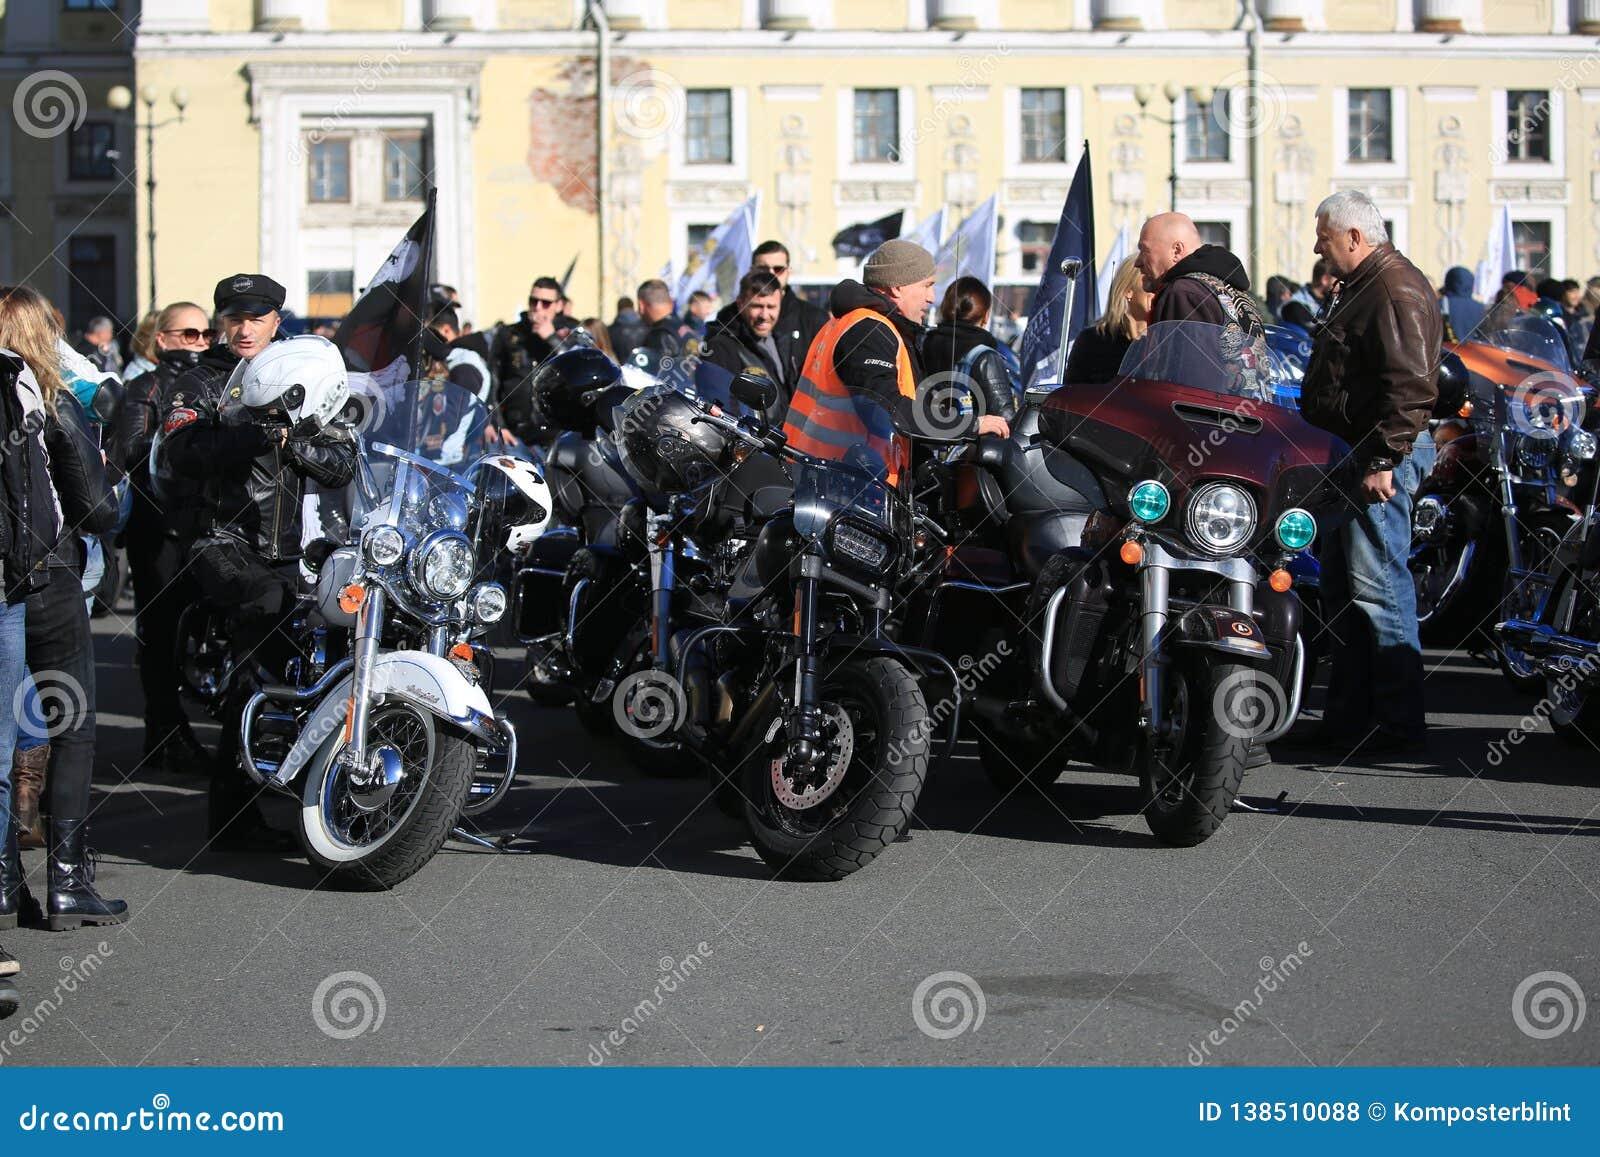 Motociclisti sul quadrato del palazzo prima della partenza della colonna